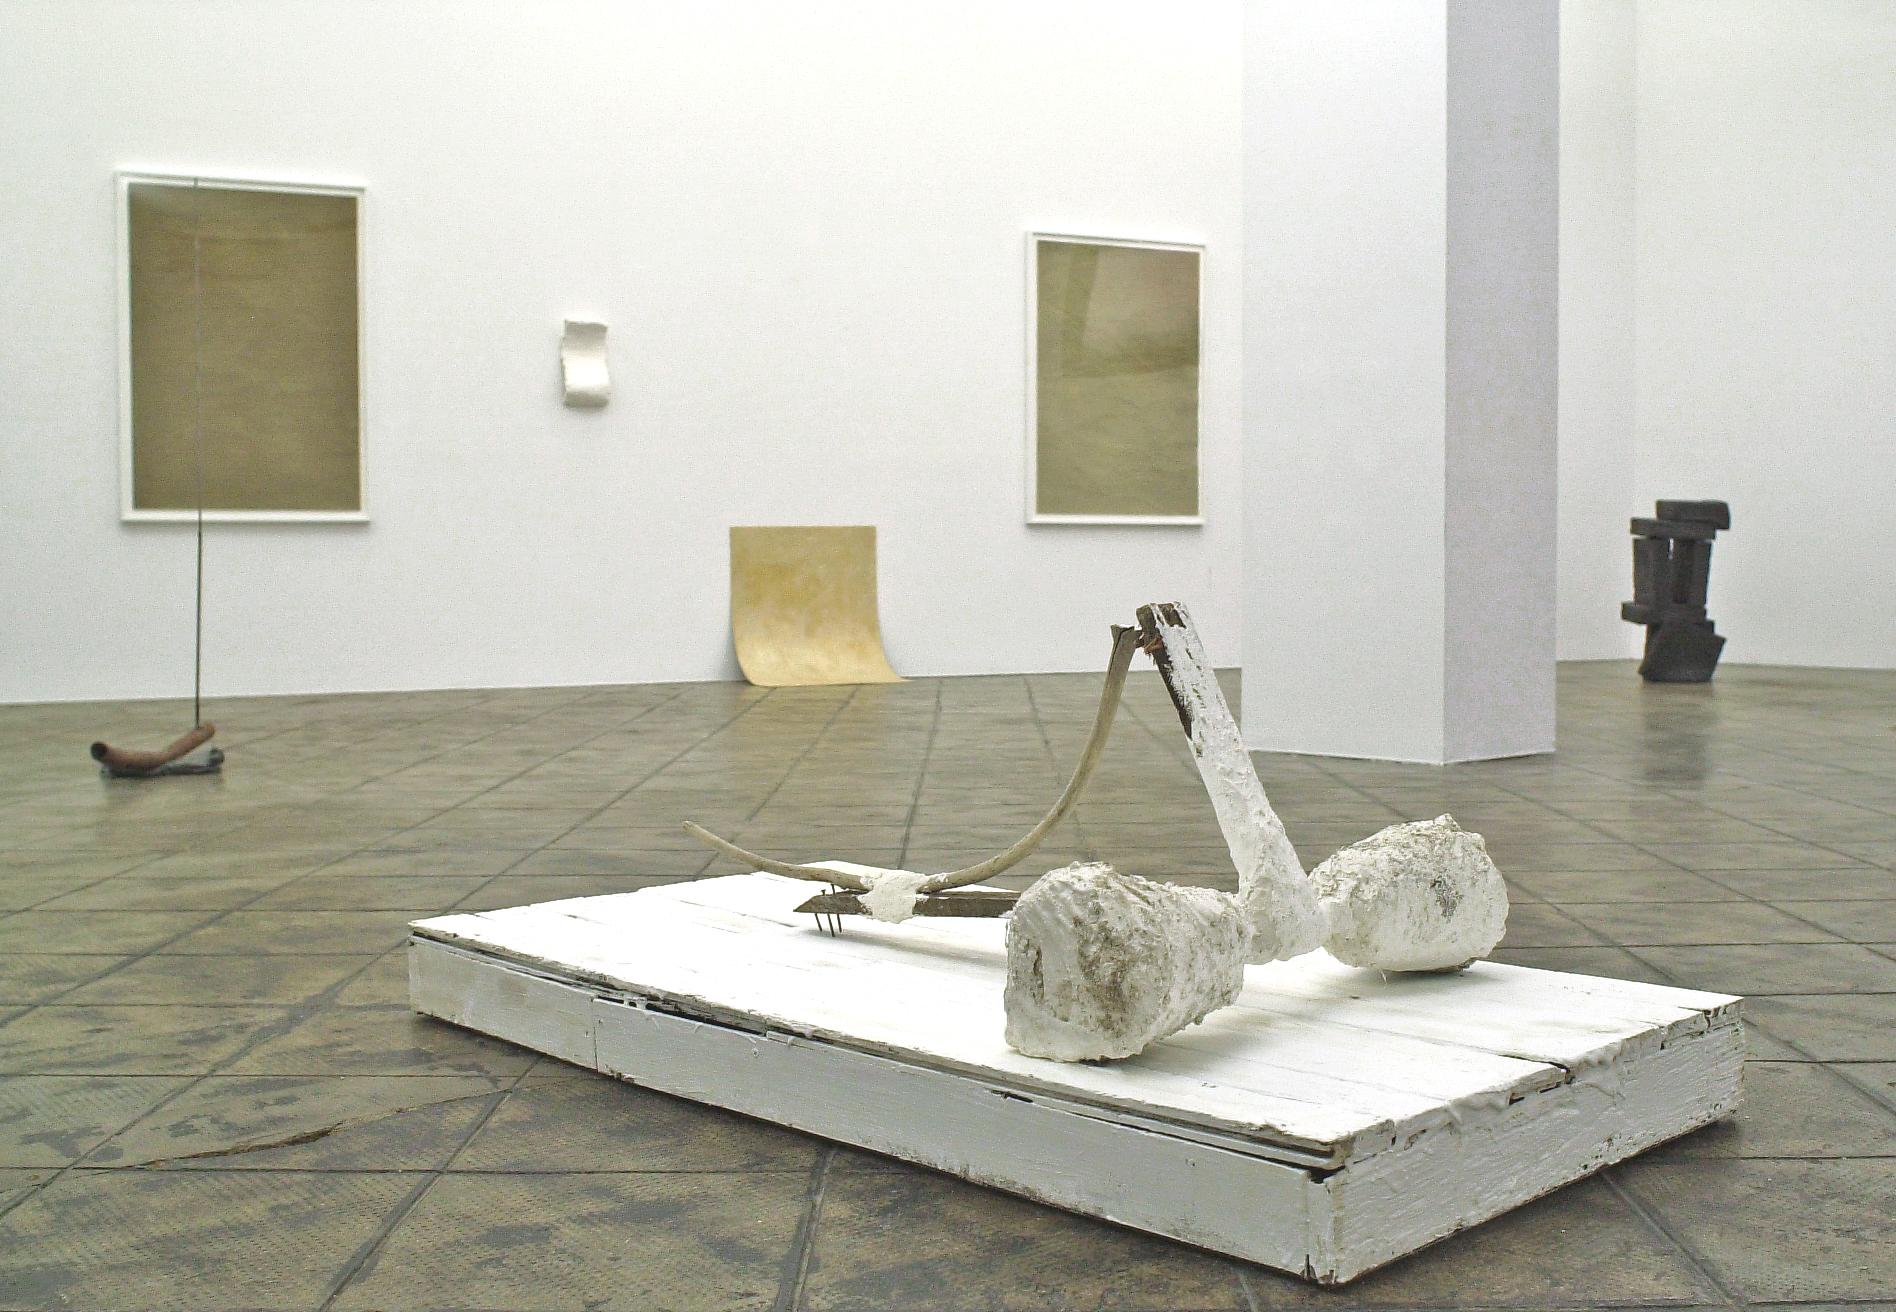 Installation view: Strange Form Of Life, ProjecteSD, Barcelona, 2010 |  | ProjecteSD